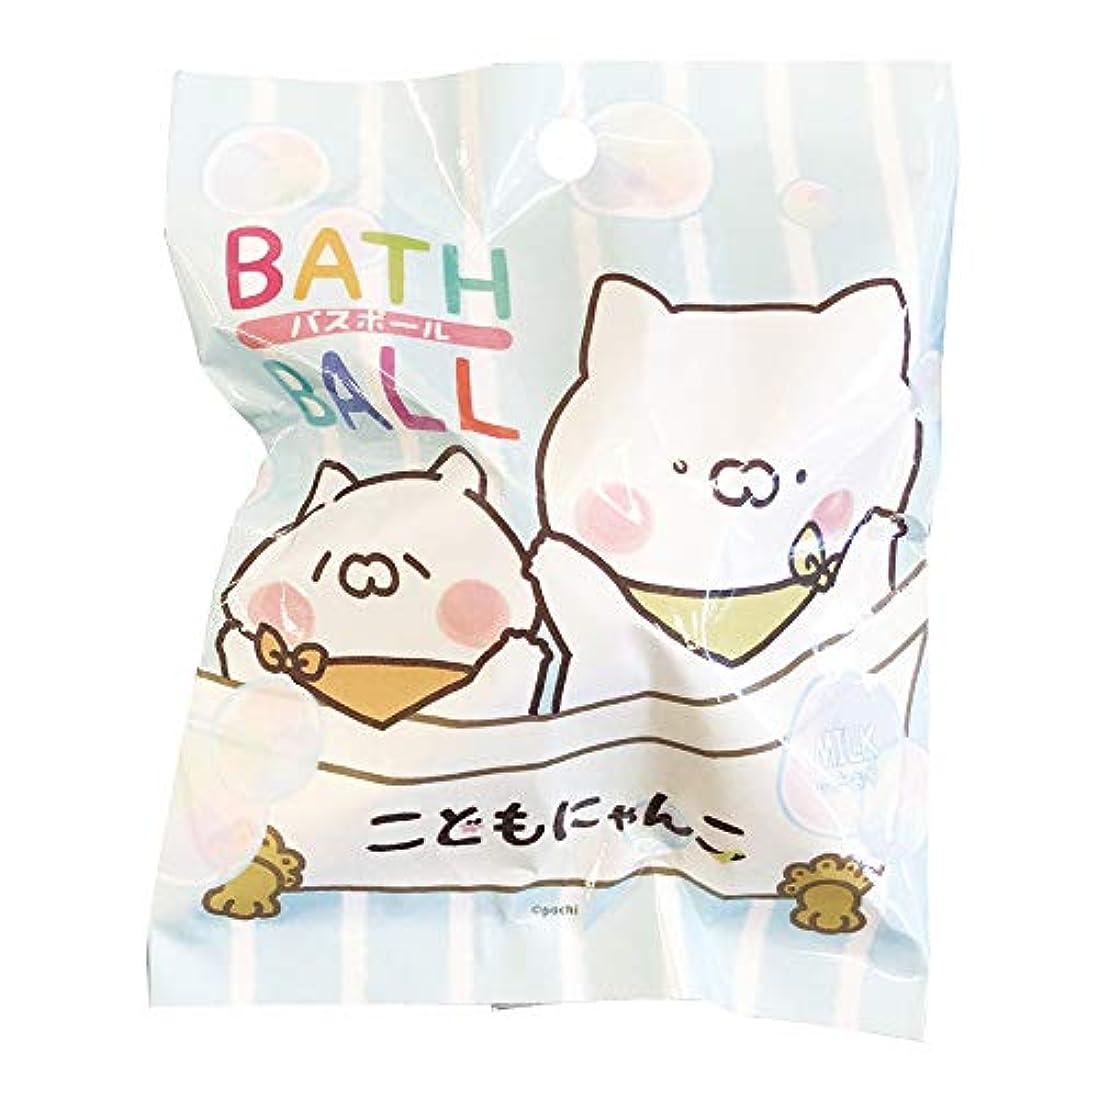 雑多な合成息切れこどもにゃんこ 入浴剤 バスボール おまけ付き ミルクの香り 50g ABD-043-001